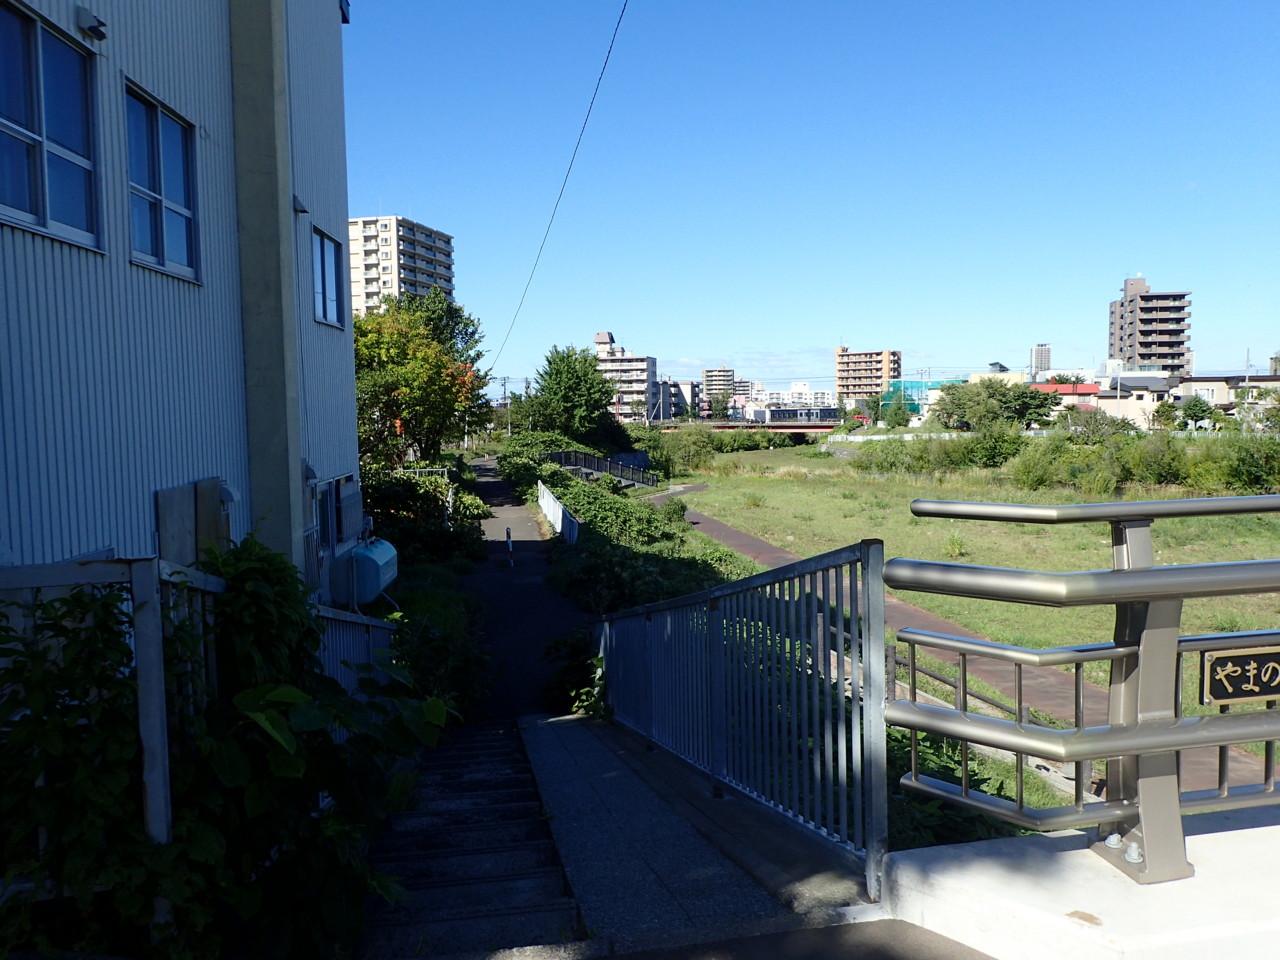 西野-新川未整備区間を走ってみる